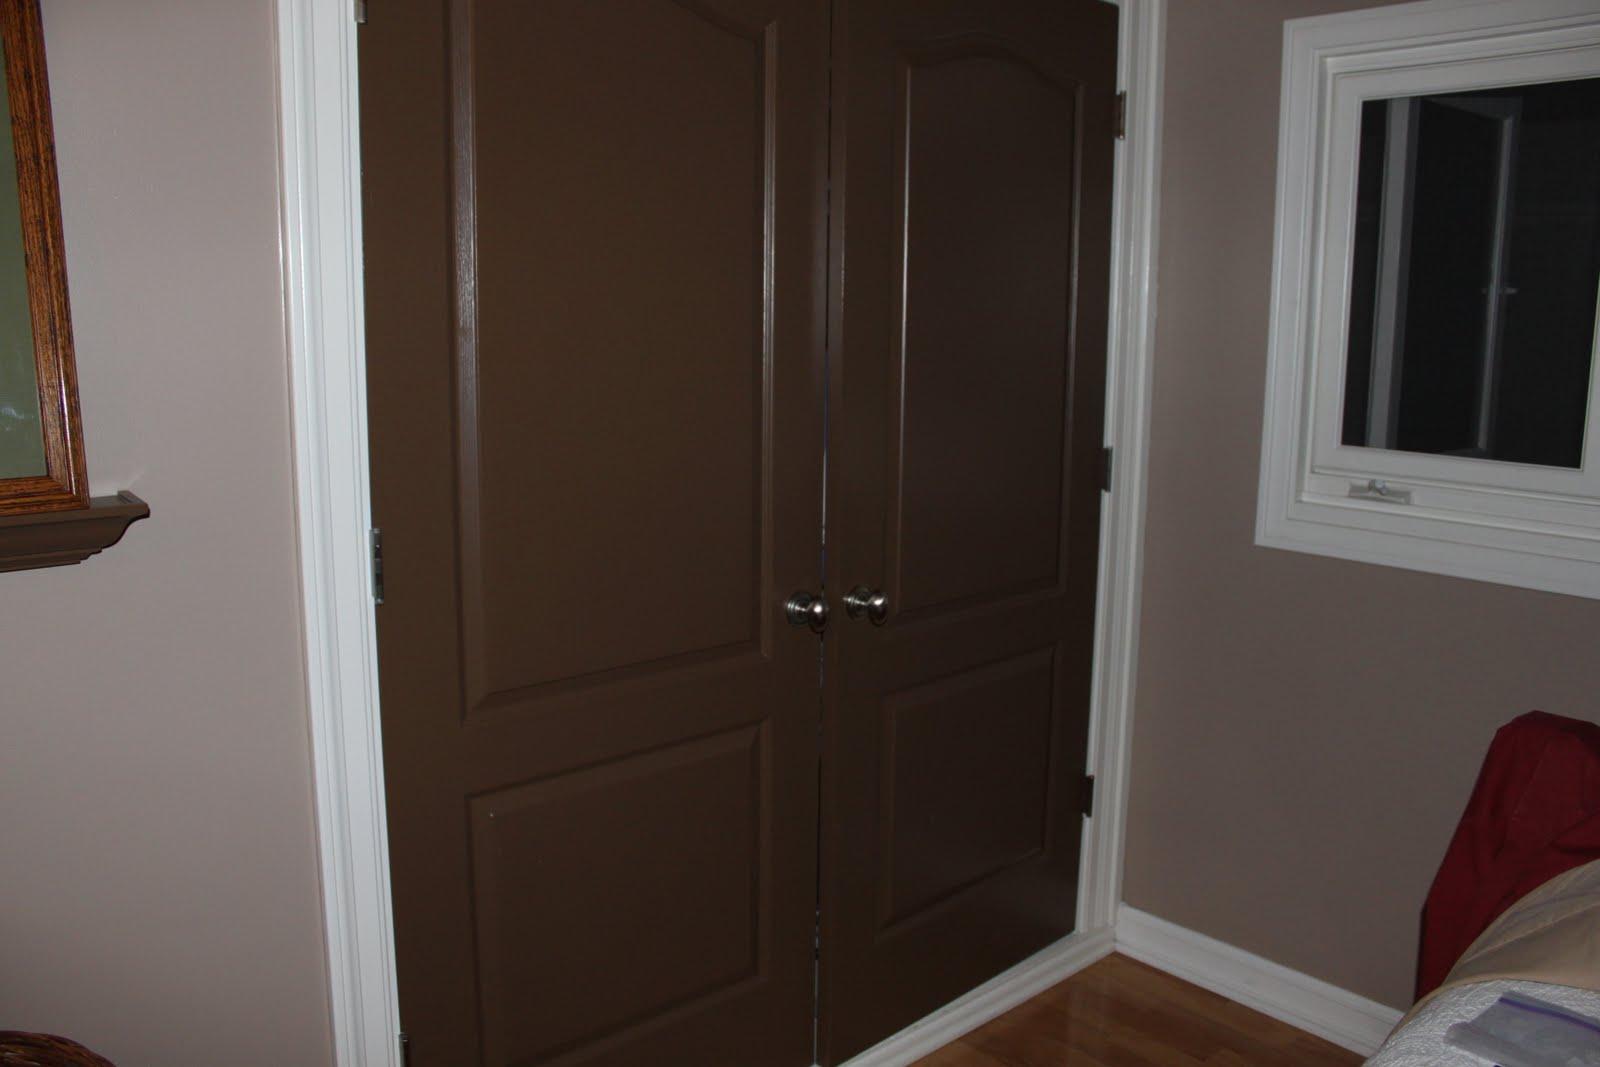 Weird Mdf Closet Doors In Guest Bedroom